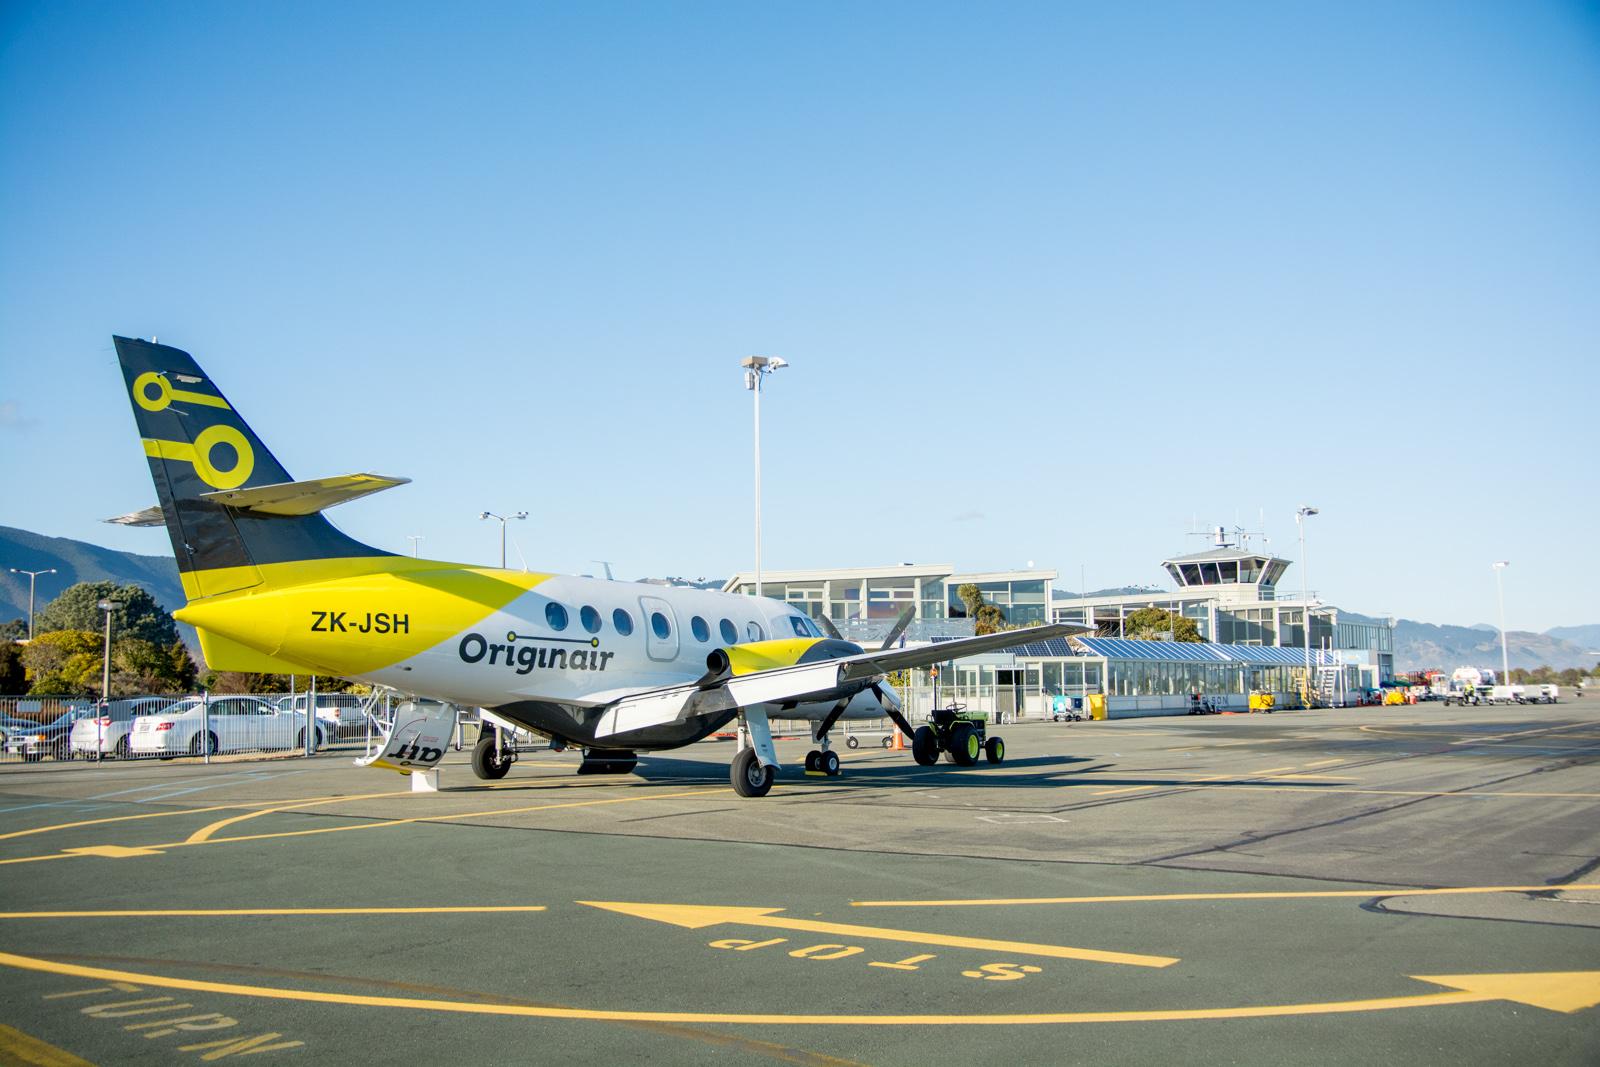 Originair Plane